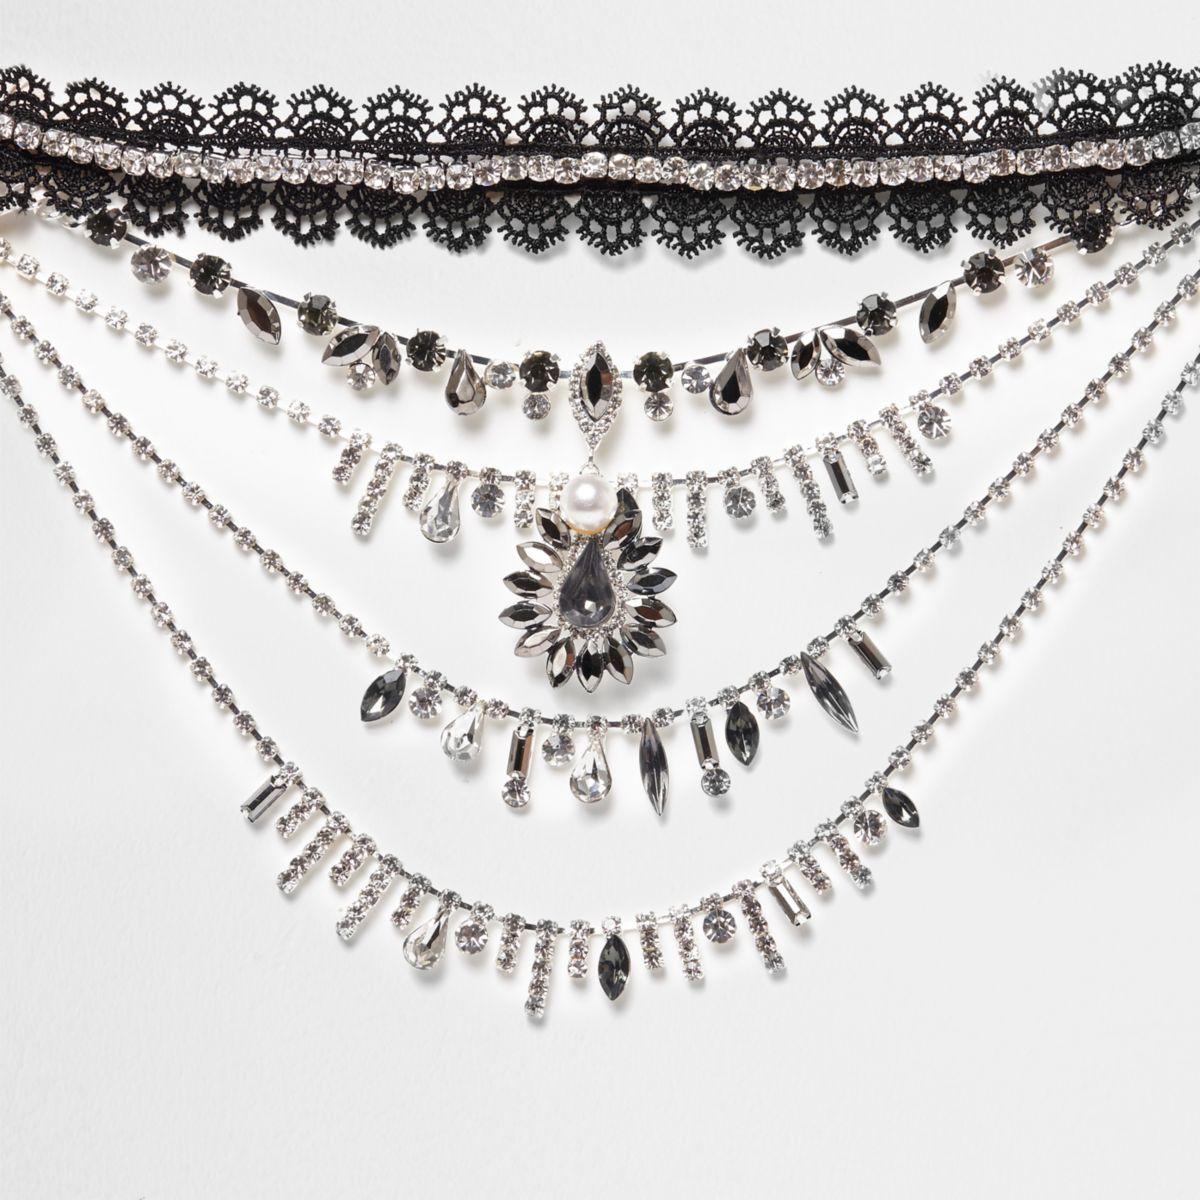 Collier ras-de-cou en dentelle noire avec pierres drapé